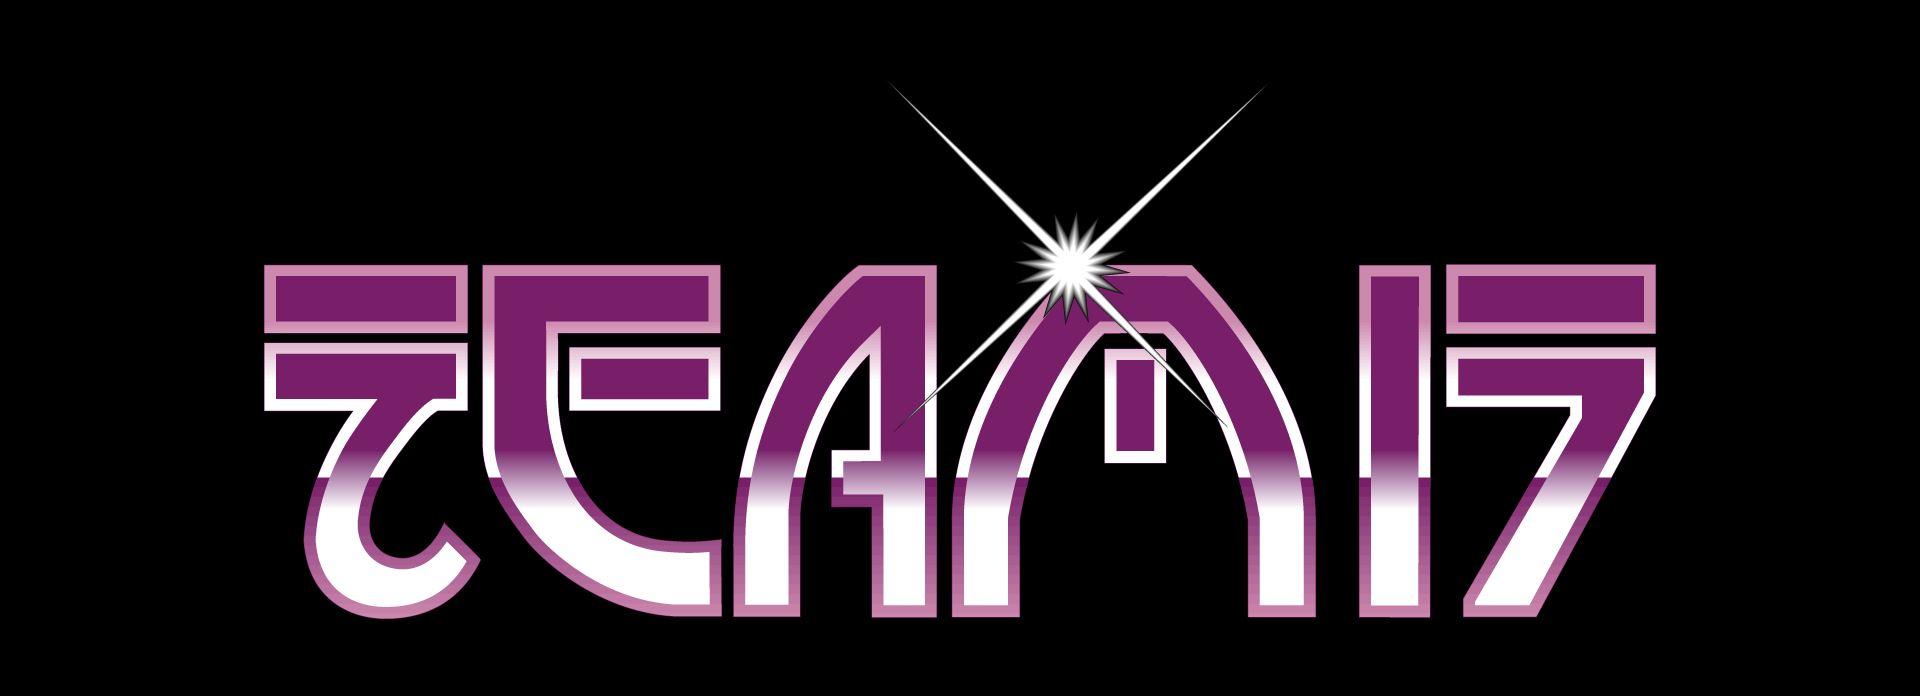 [Bild: logo2.jpg]